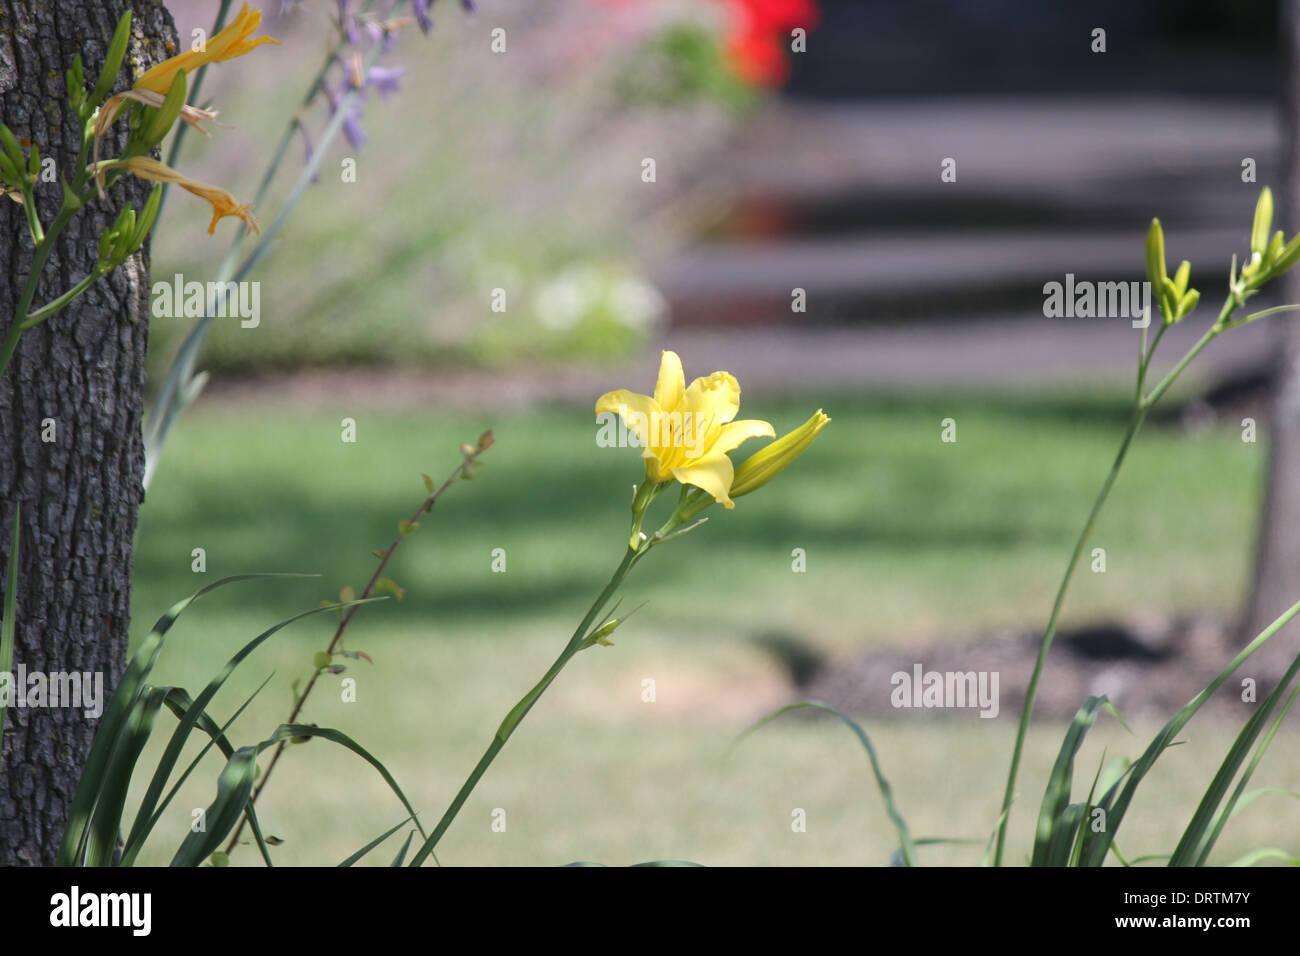 Colorato in giallo dayliy. Daylily fiori sono estremamente diverse nel colore e nella forma. Daylilies sono piante Foto Stock